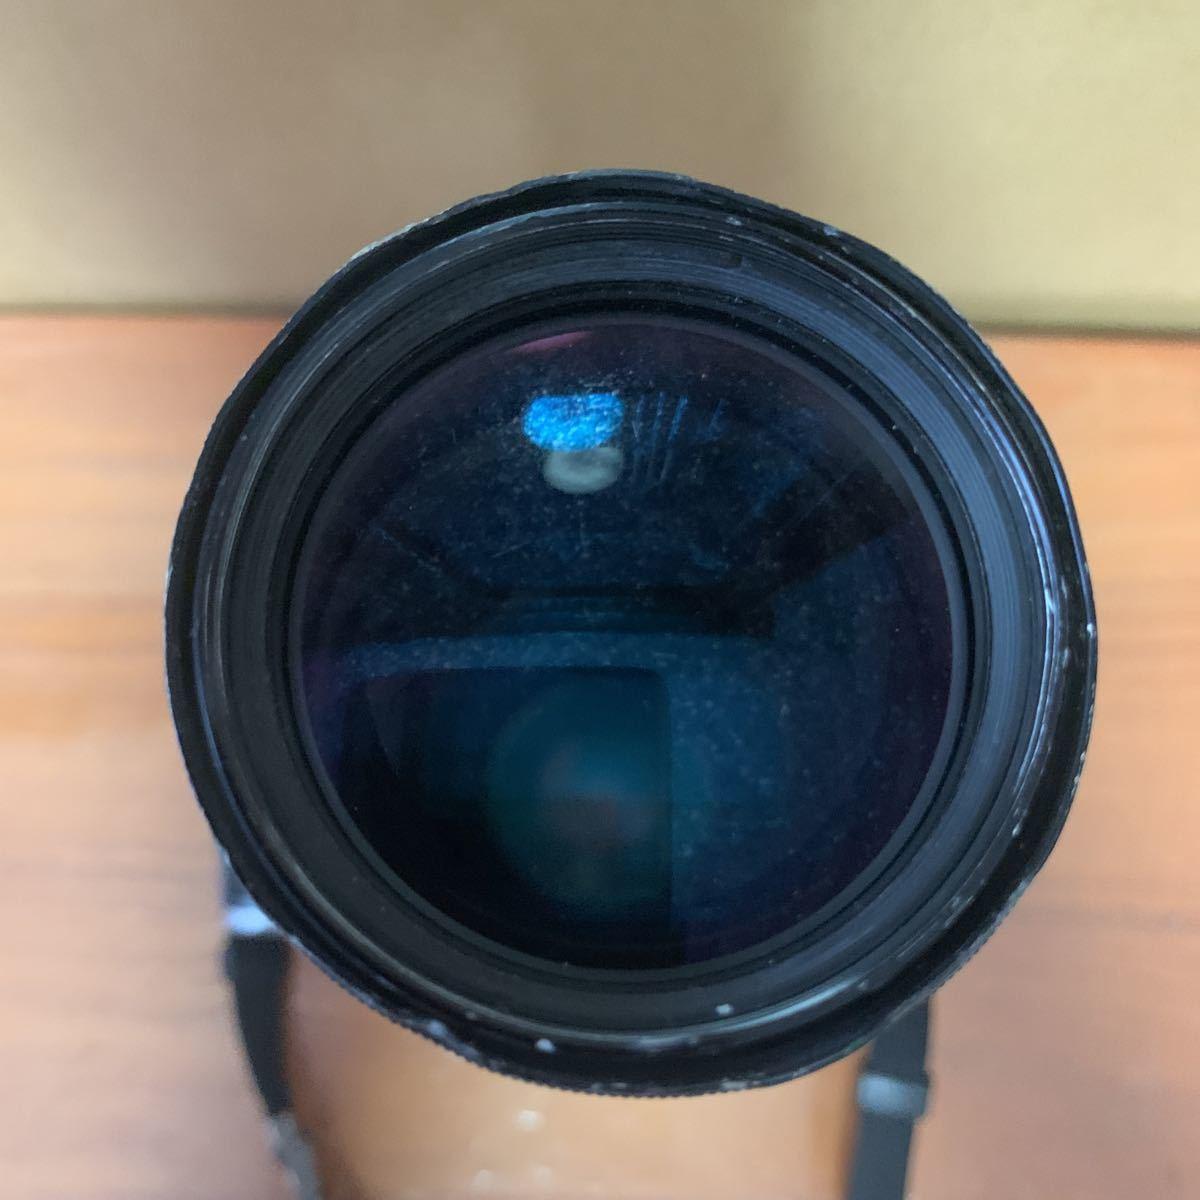 PENTAX ME SUPER ペンタックス 一眼レフカメラ フィルムカメラ 未確認 400_画像4